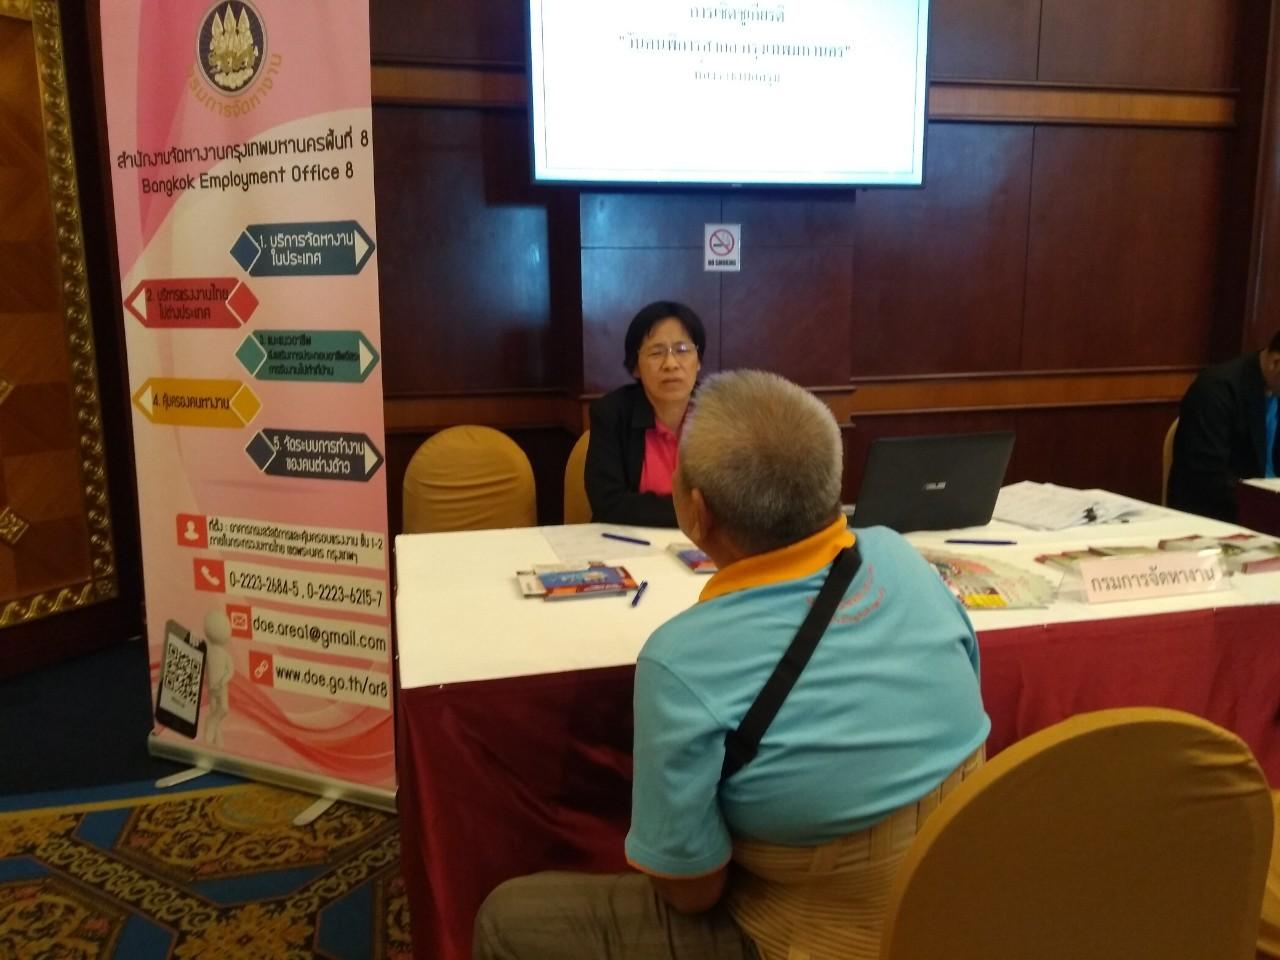 สจก.8ให้บริการส่งเสริมการมีงานทำให้คนพิการในงานวันคนพิการสากลกรุงเทพมหานคร ประจำปี พ.ศ.2562